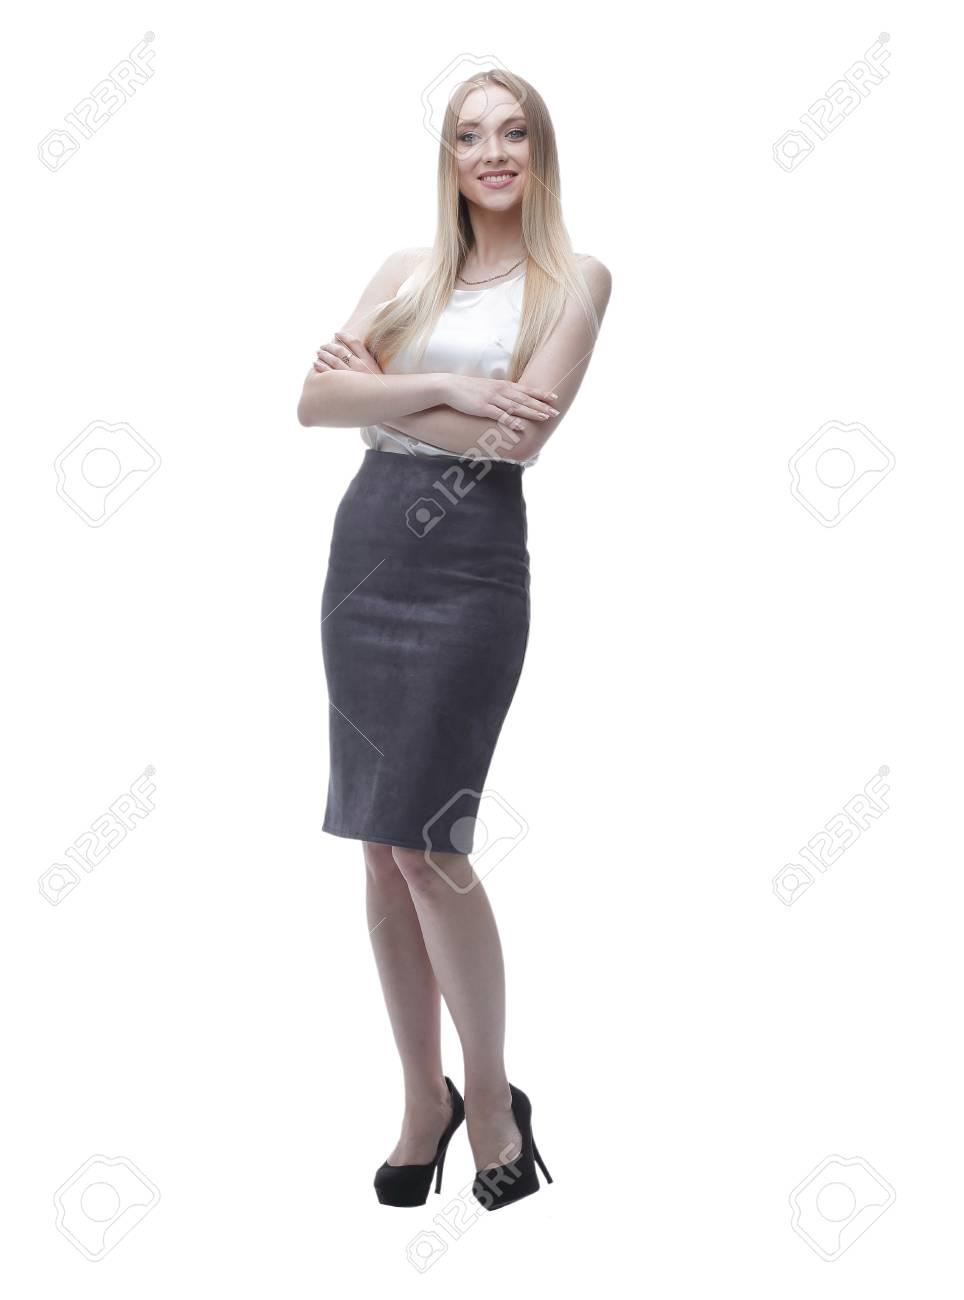 若いビジネス女性。全身肖像画。 の写真素材・画像素材 Image 85477833.